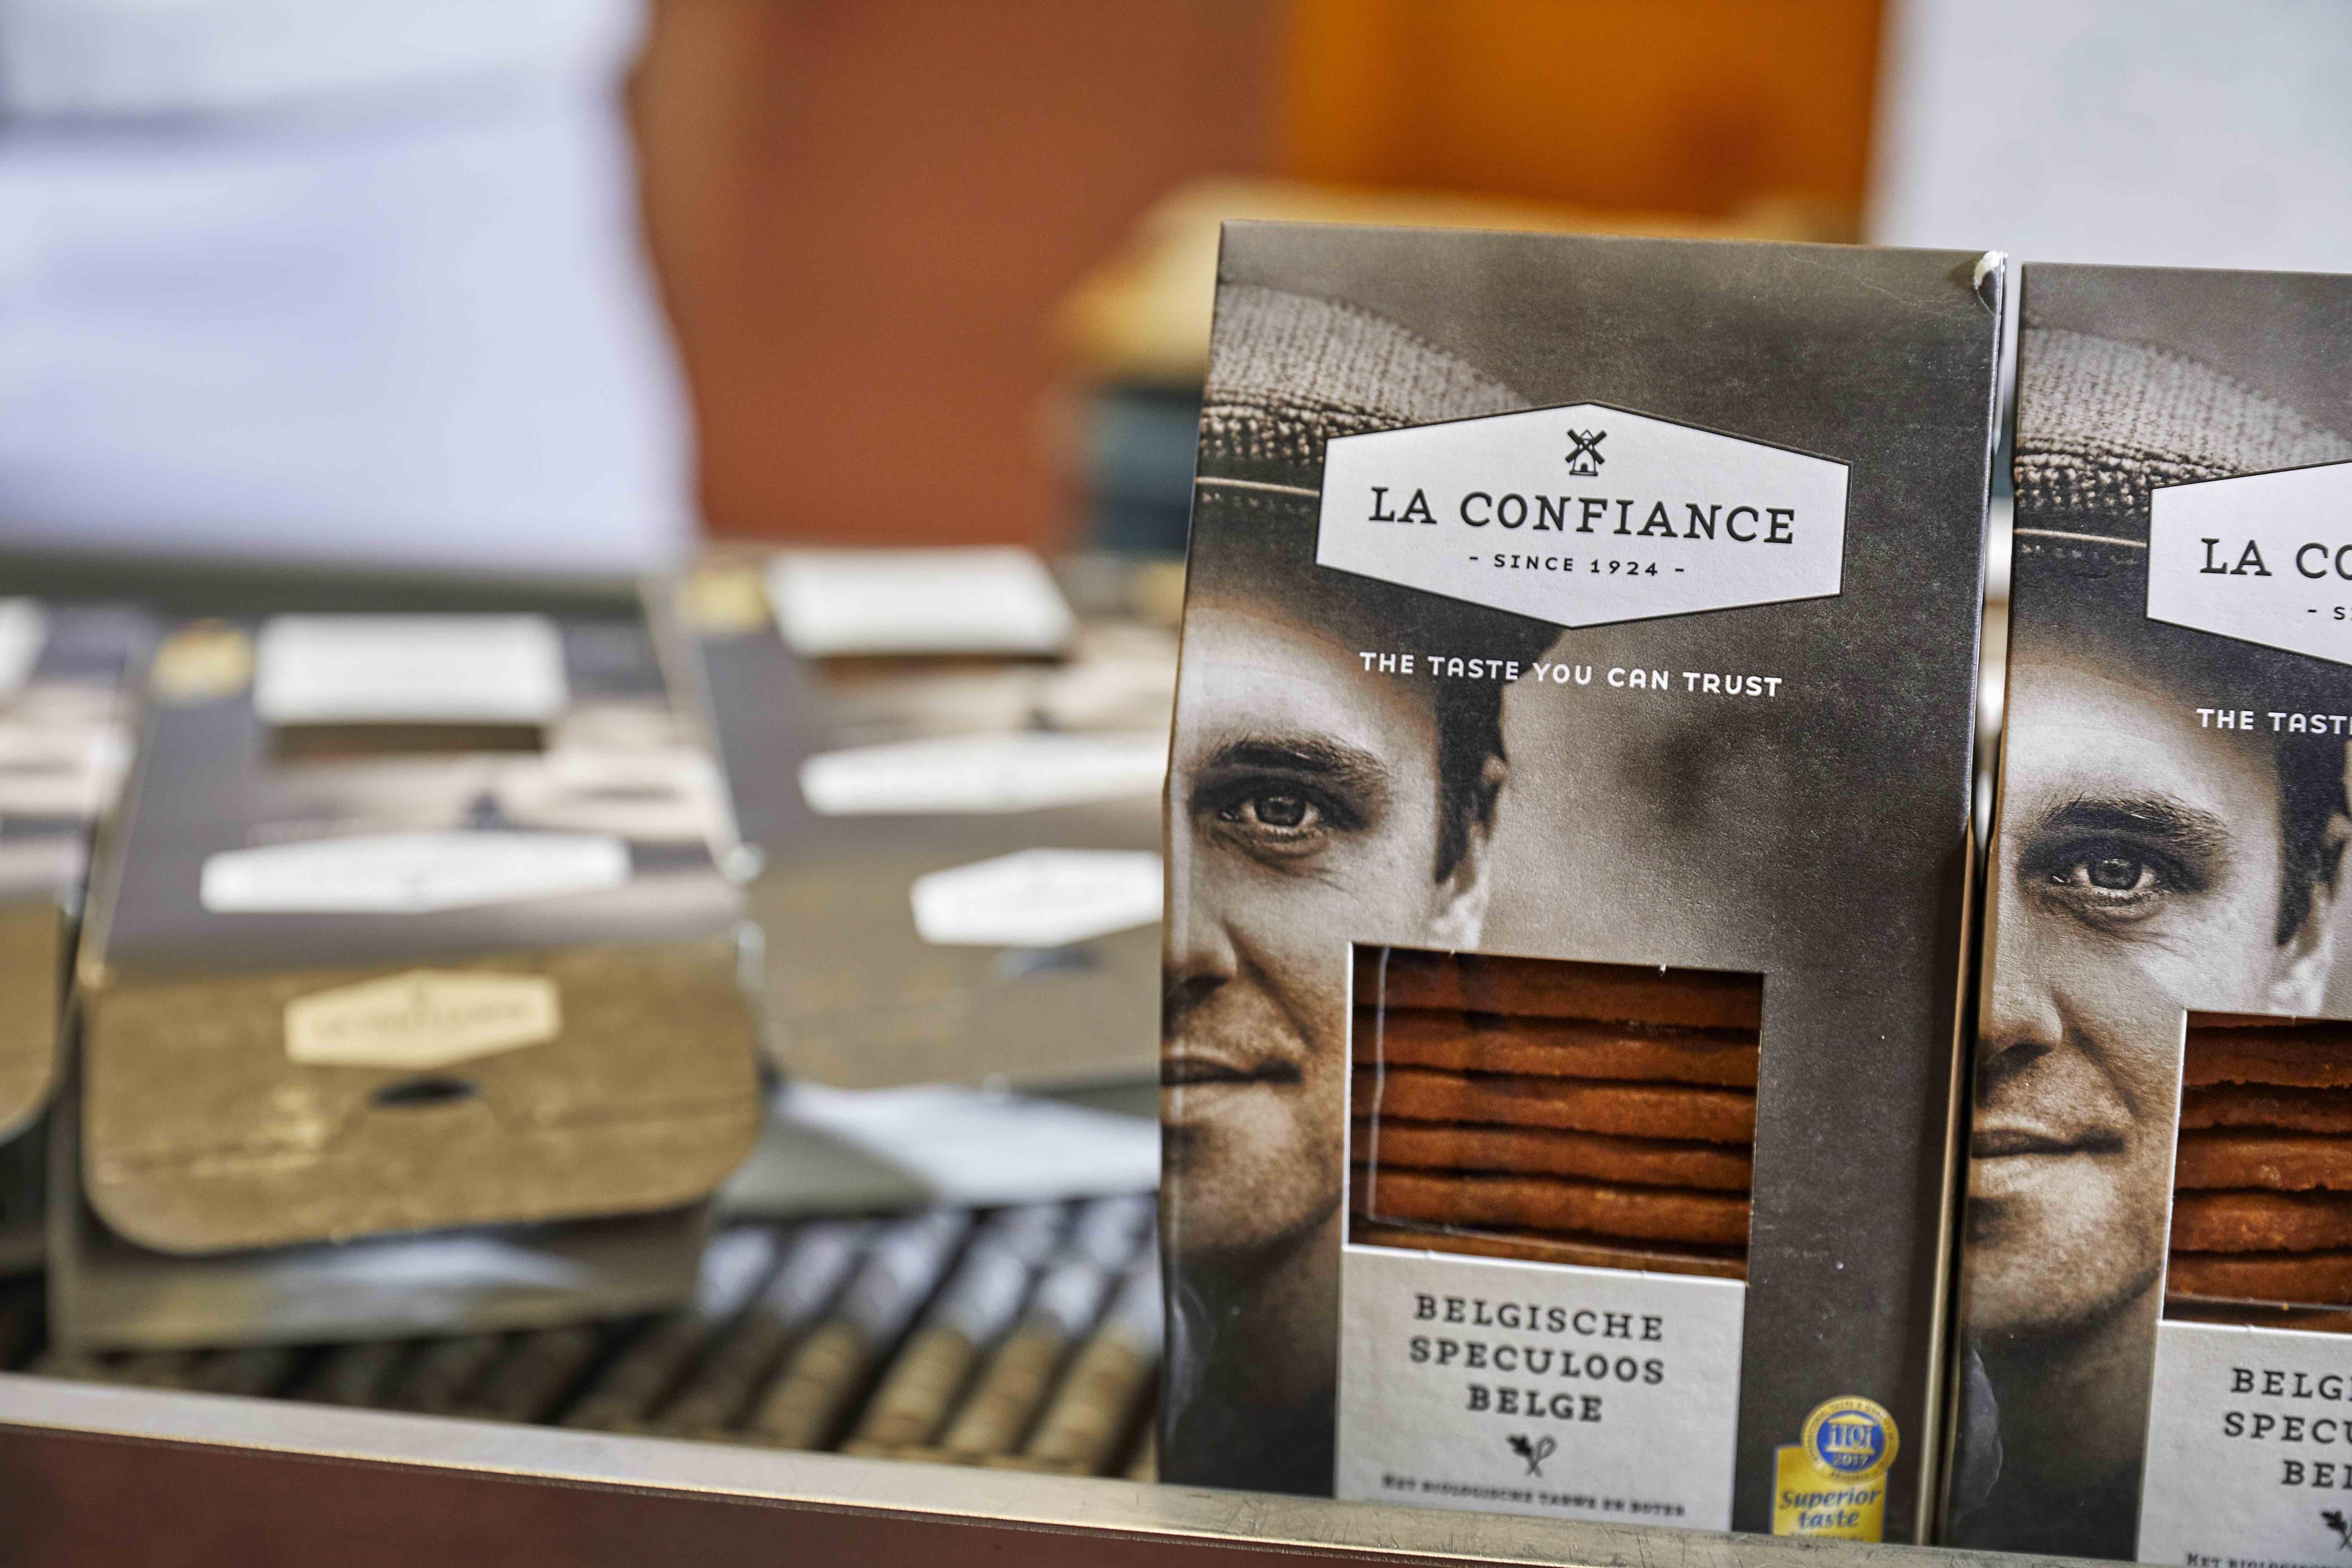 2019 01 03 La Confiance Verpakking